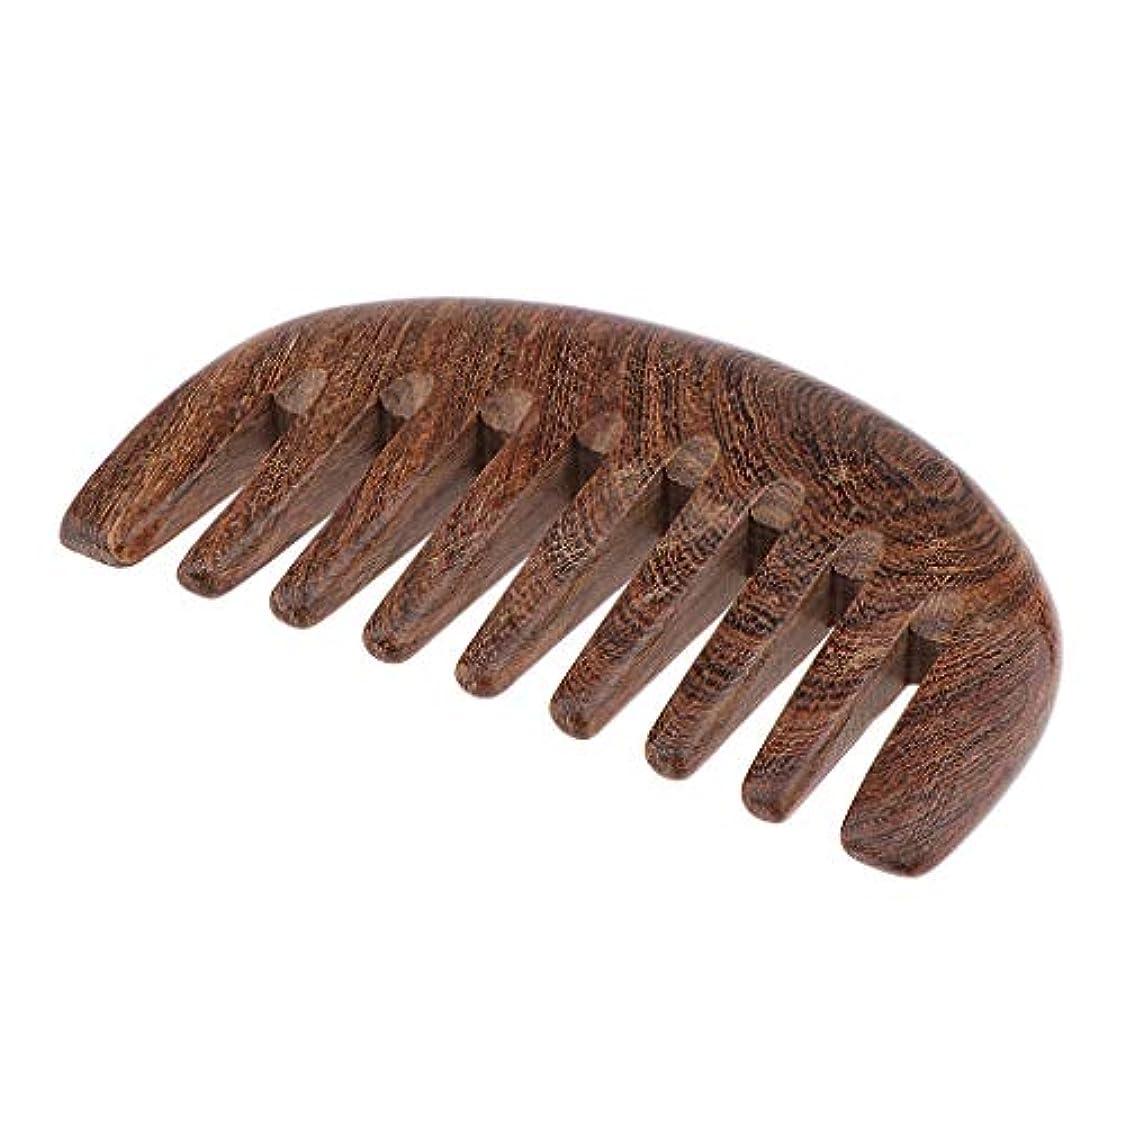 昇る悲しむ水陸両用くし コーム 木製 櫛 美髪ケア ヘアケア ヘアコーム 頭皮マッサージ 3色選べ - クロロフォラ